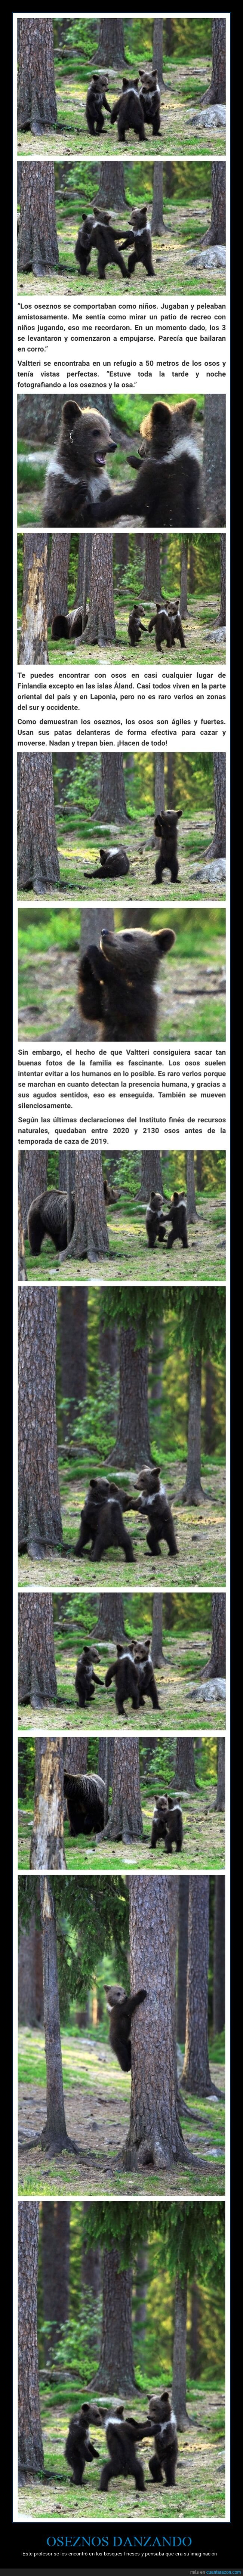 danzando,oseznos,osos,wtf